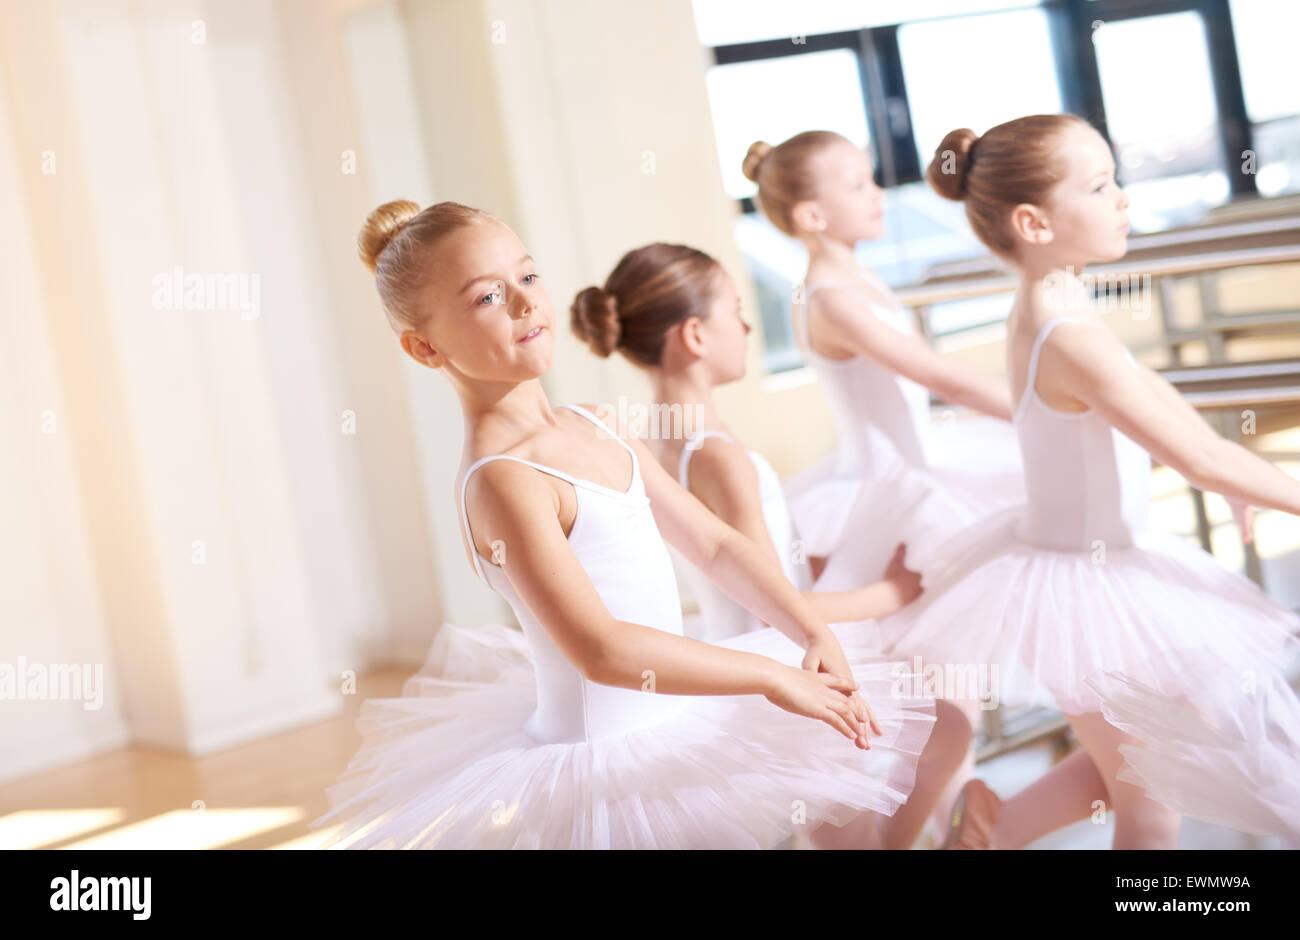 Cute little bailarinas vestidas de blanco tutus, practicando su baile dentro del estudio durante su clase de ballet. Imagen De Stock